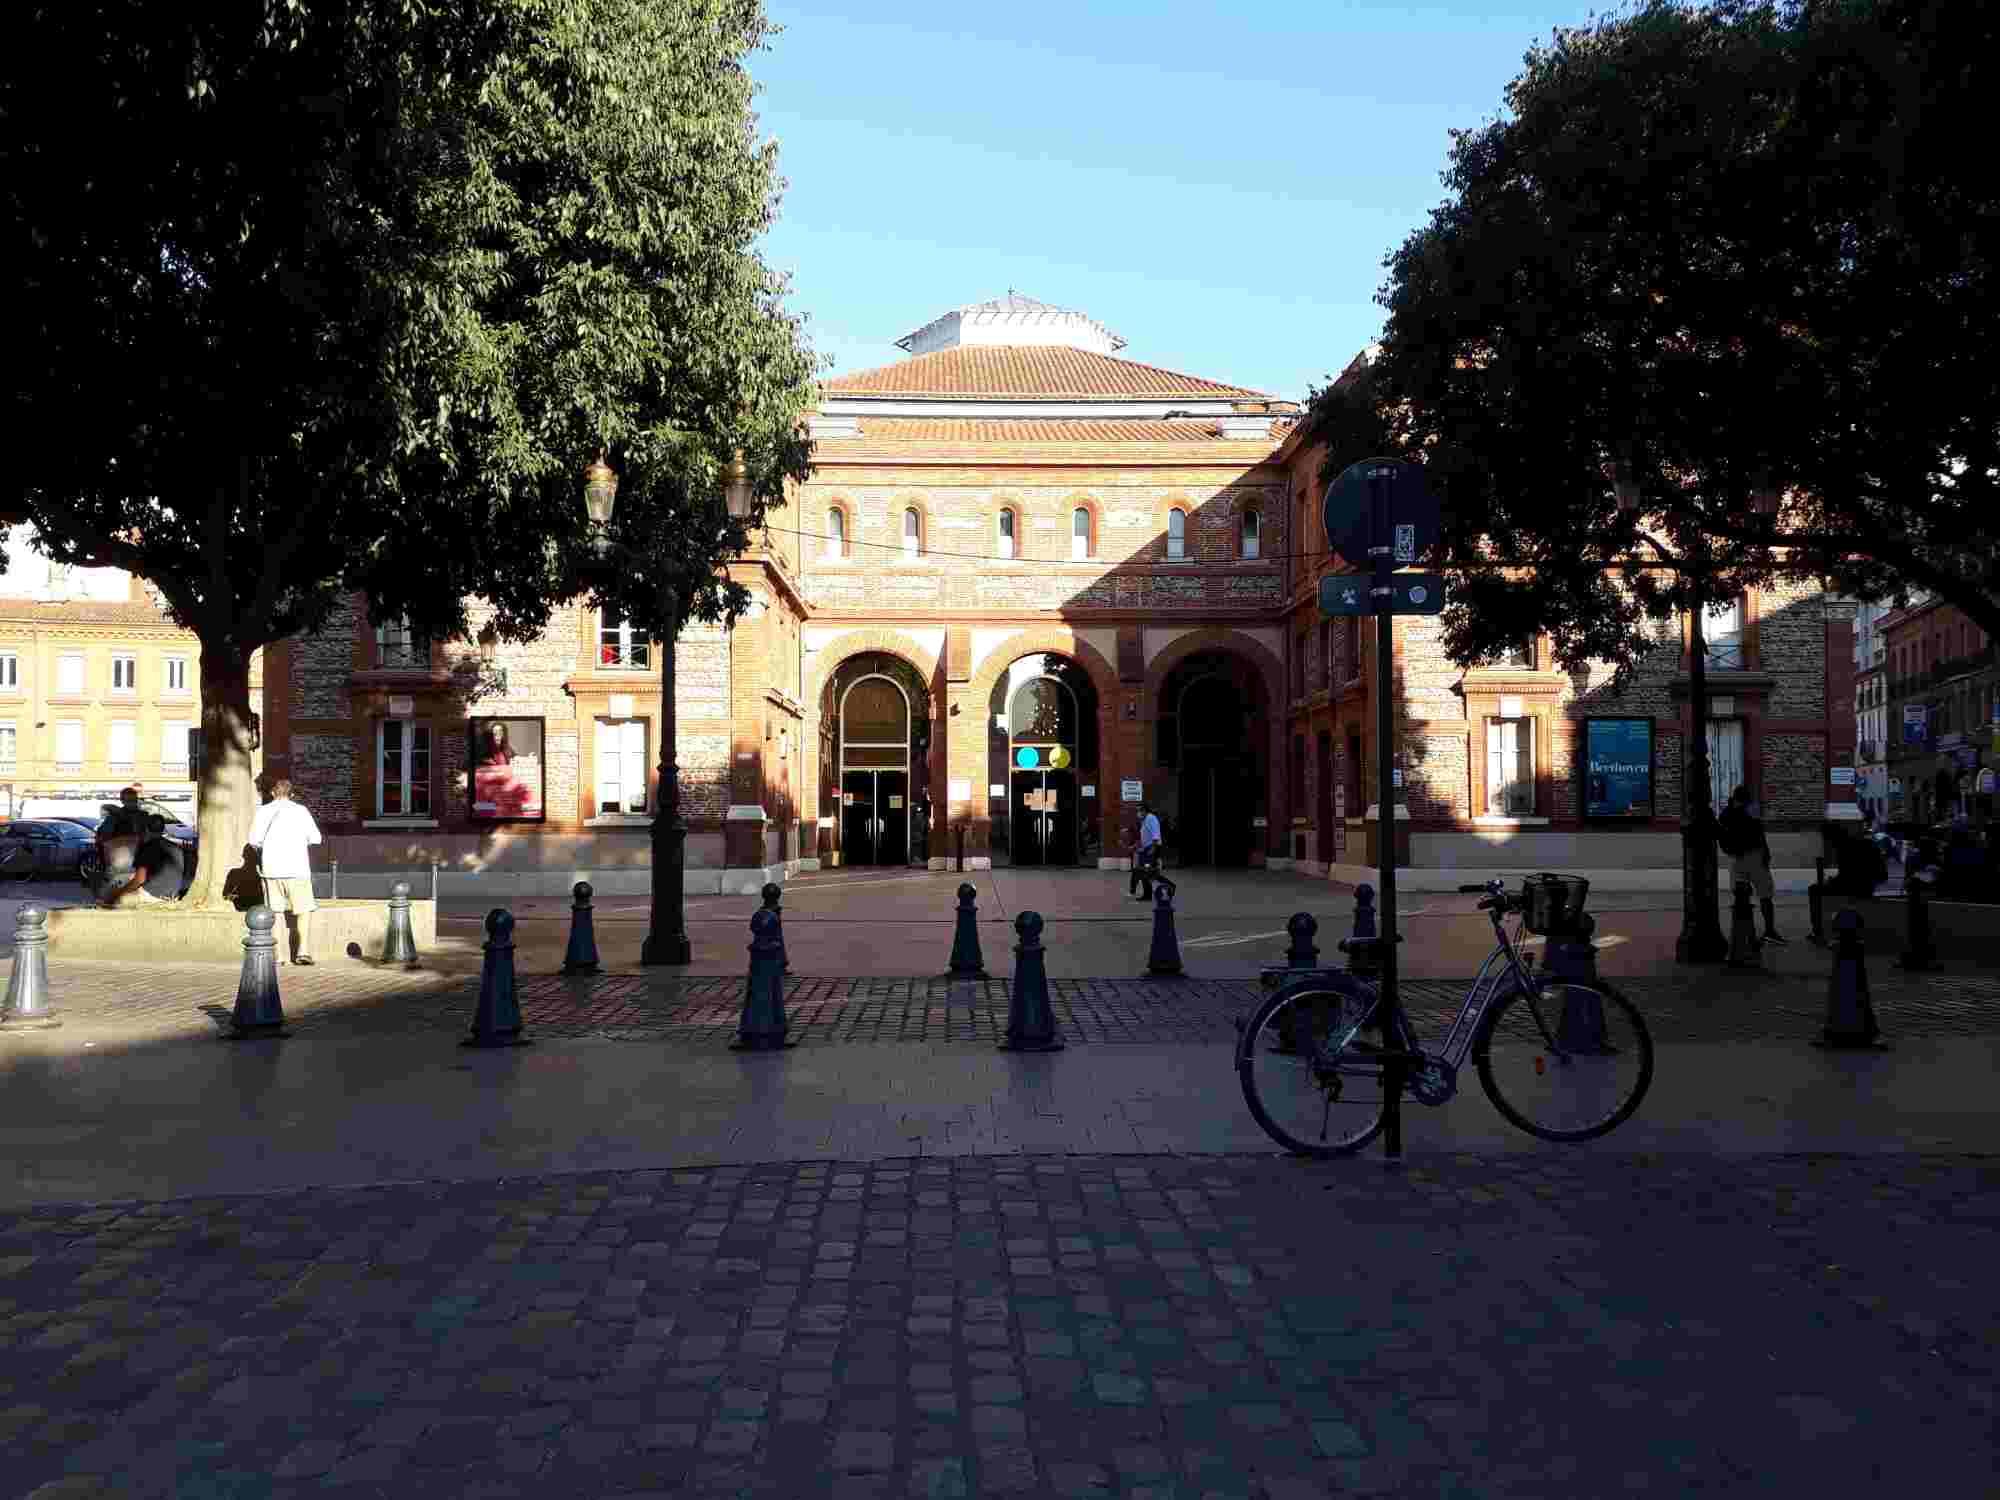 La Halle aux Grains es uno de los edificios simbólicos del exilio español en Toulouse, ya que era lugar habitual de reunión de simpatizantes anarquistas